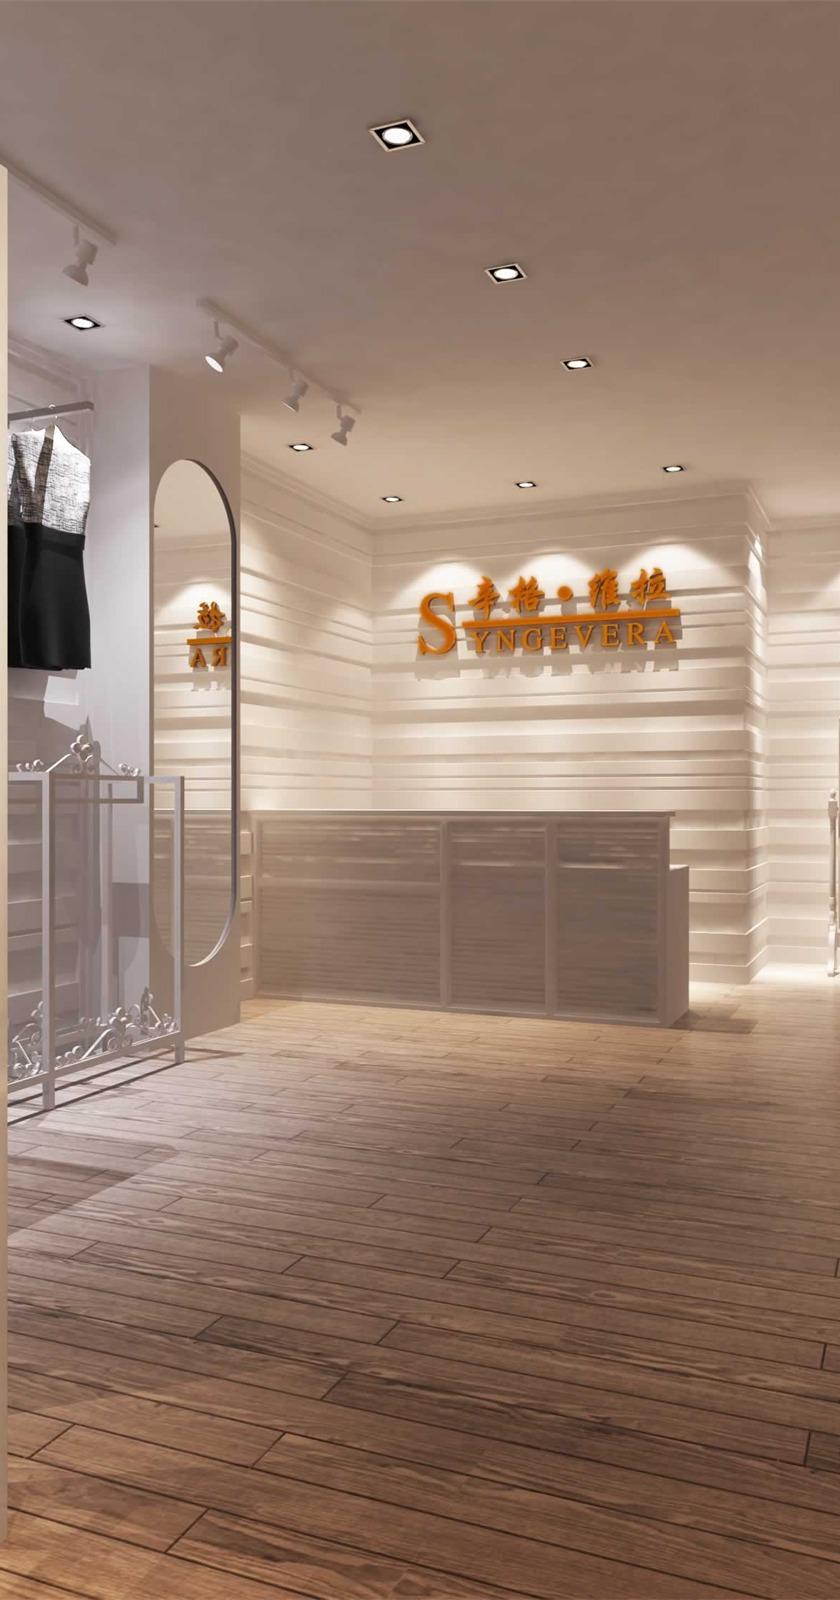 海宁辛格维拉服装店展厅